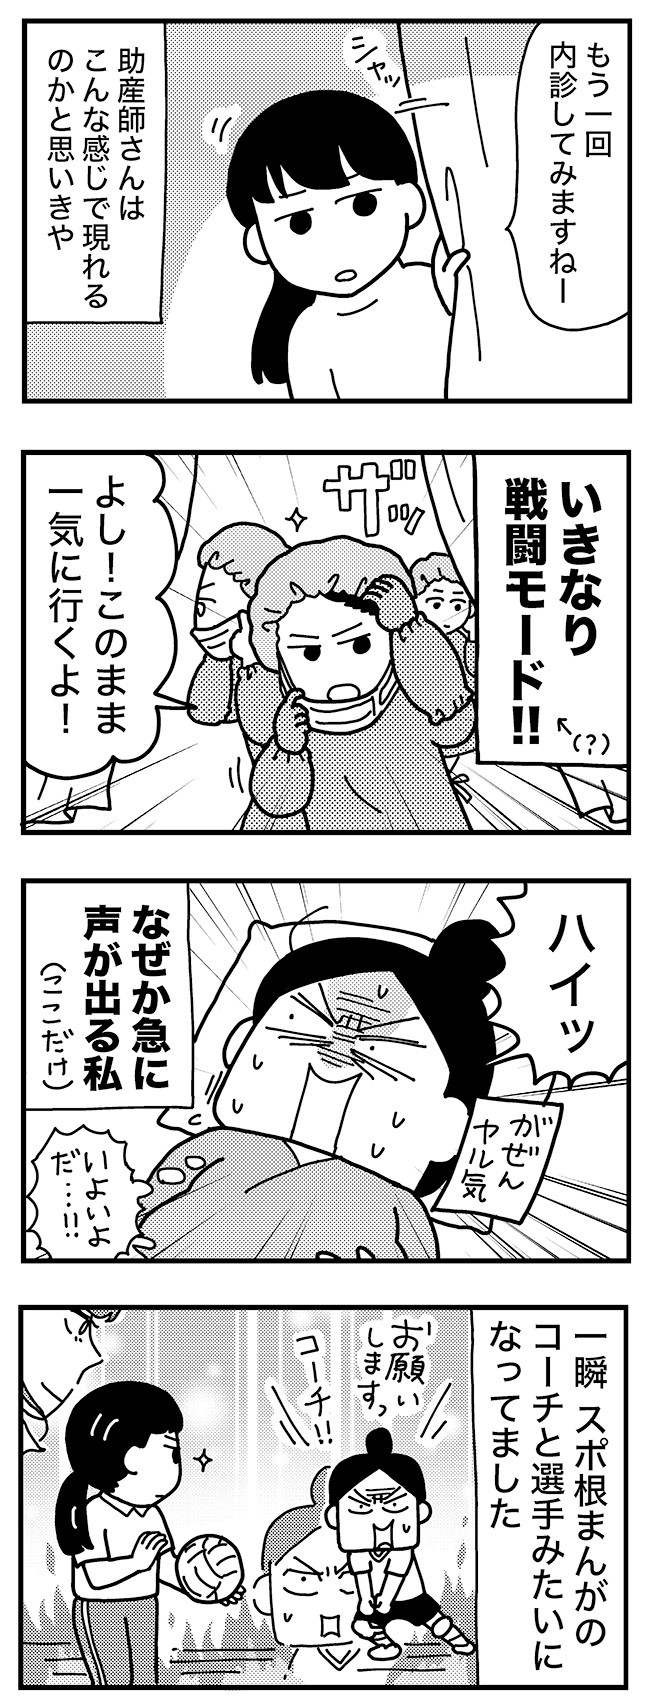 和田さん59話